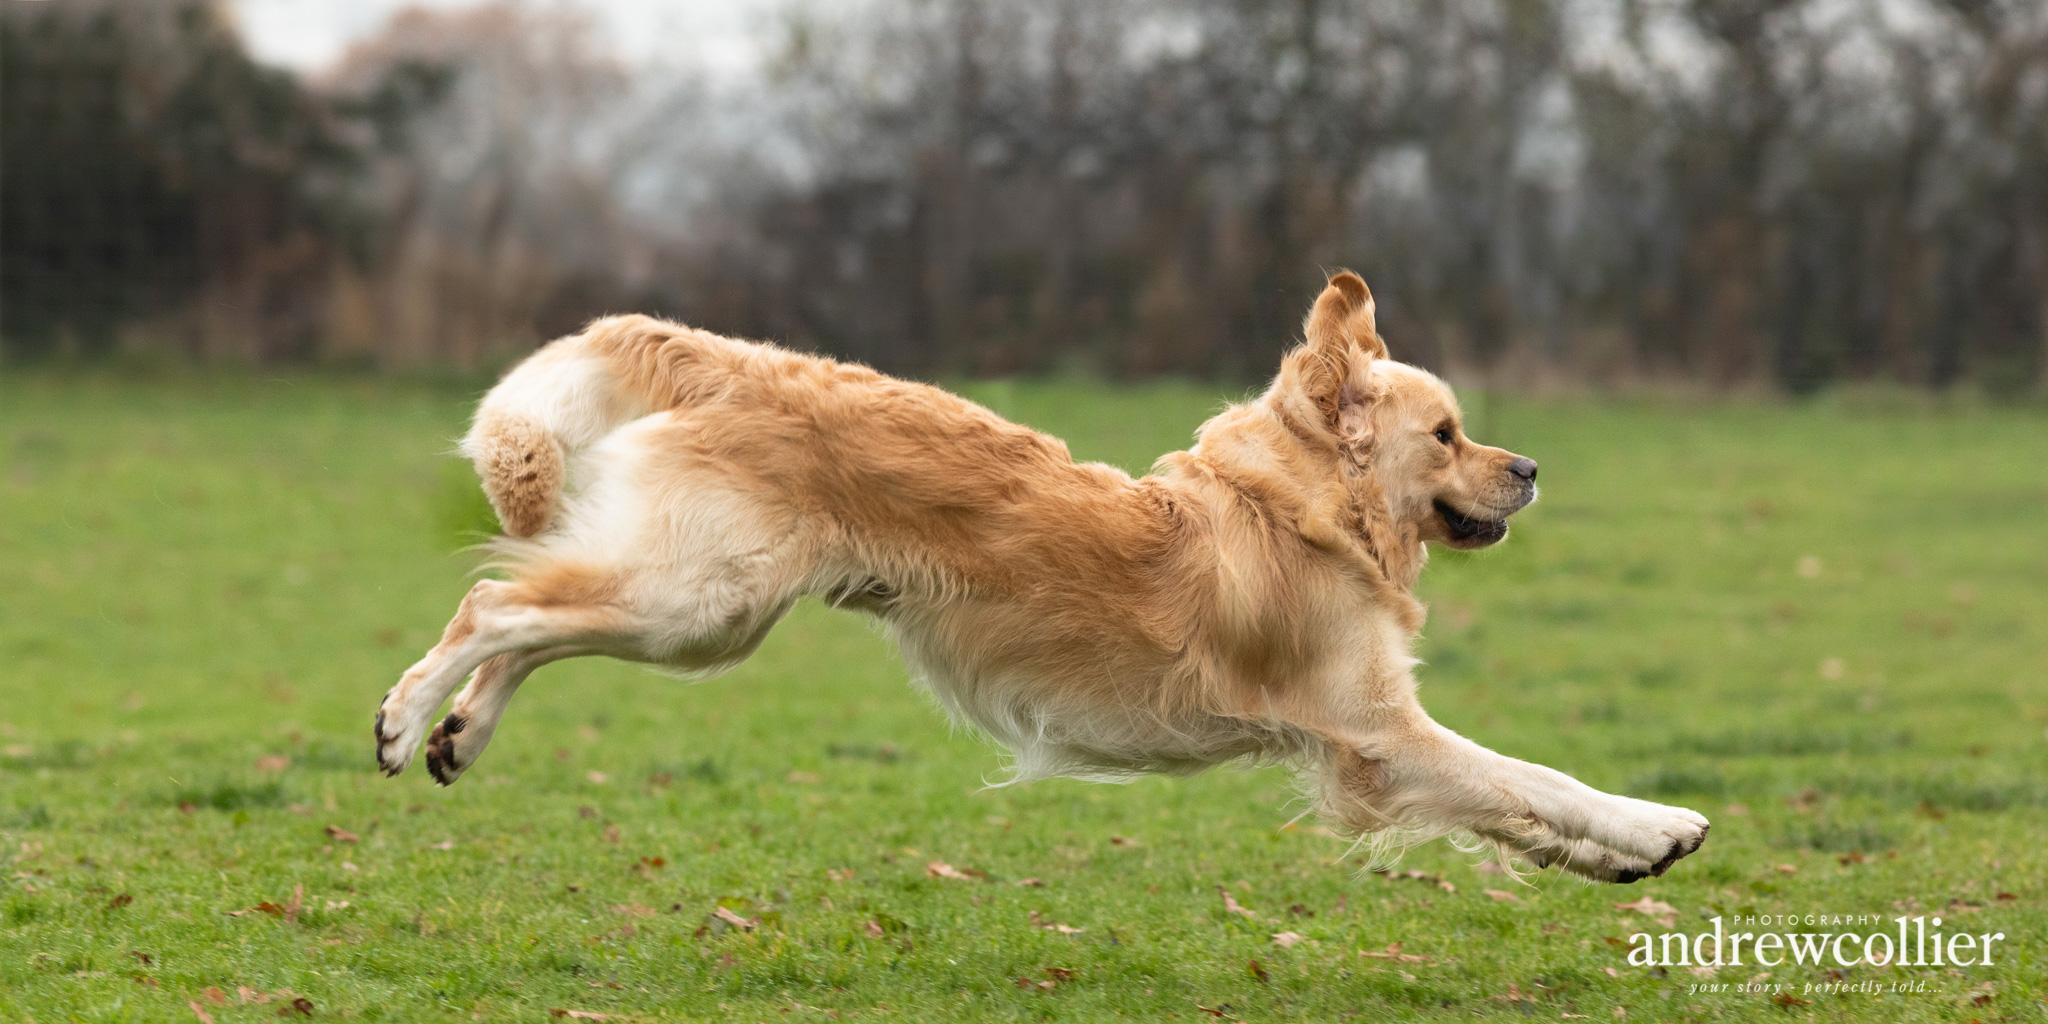 An action dog portrait of a golden retriever running across a field